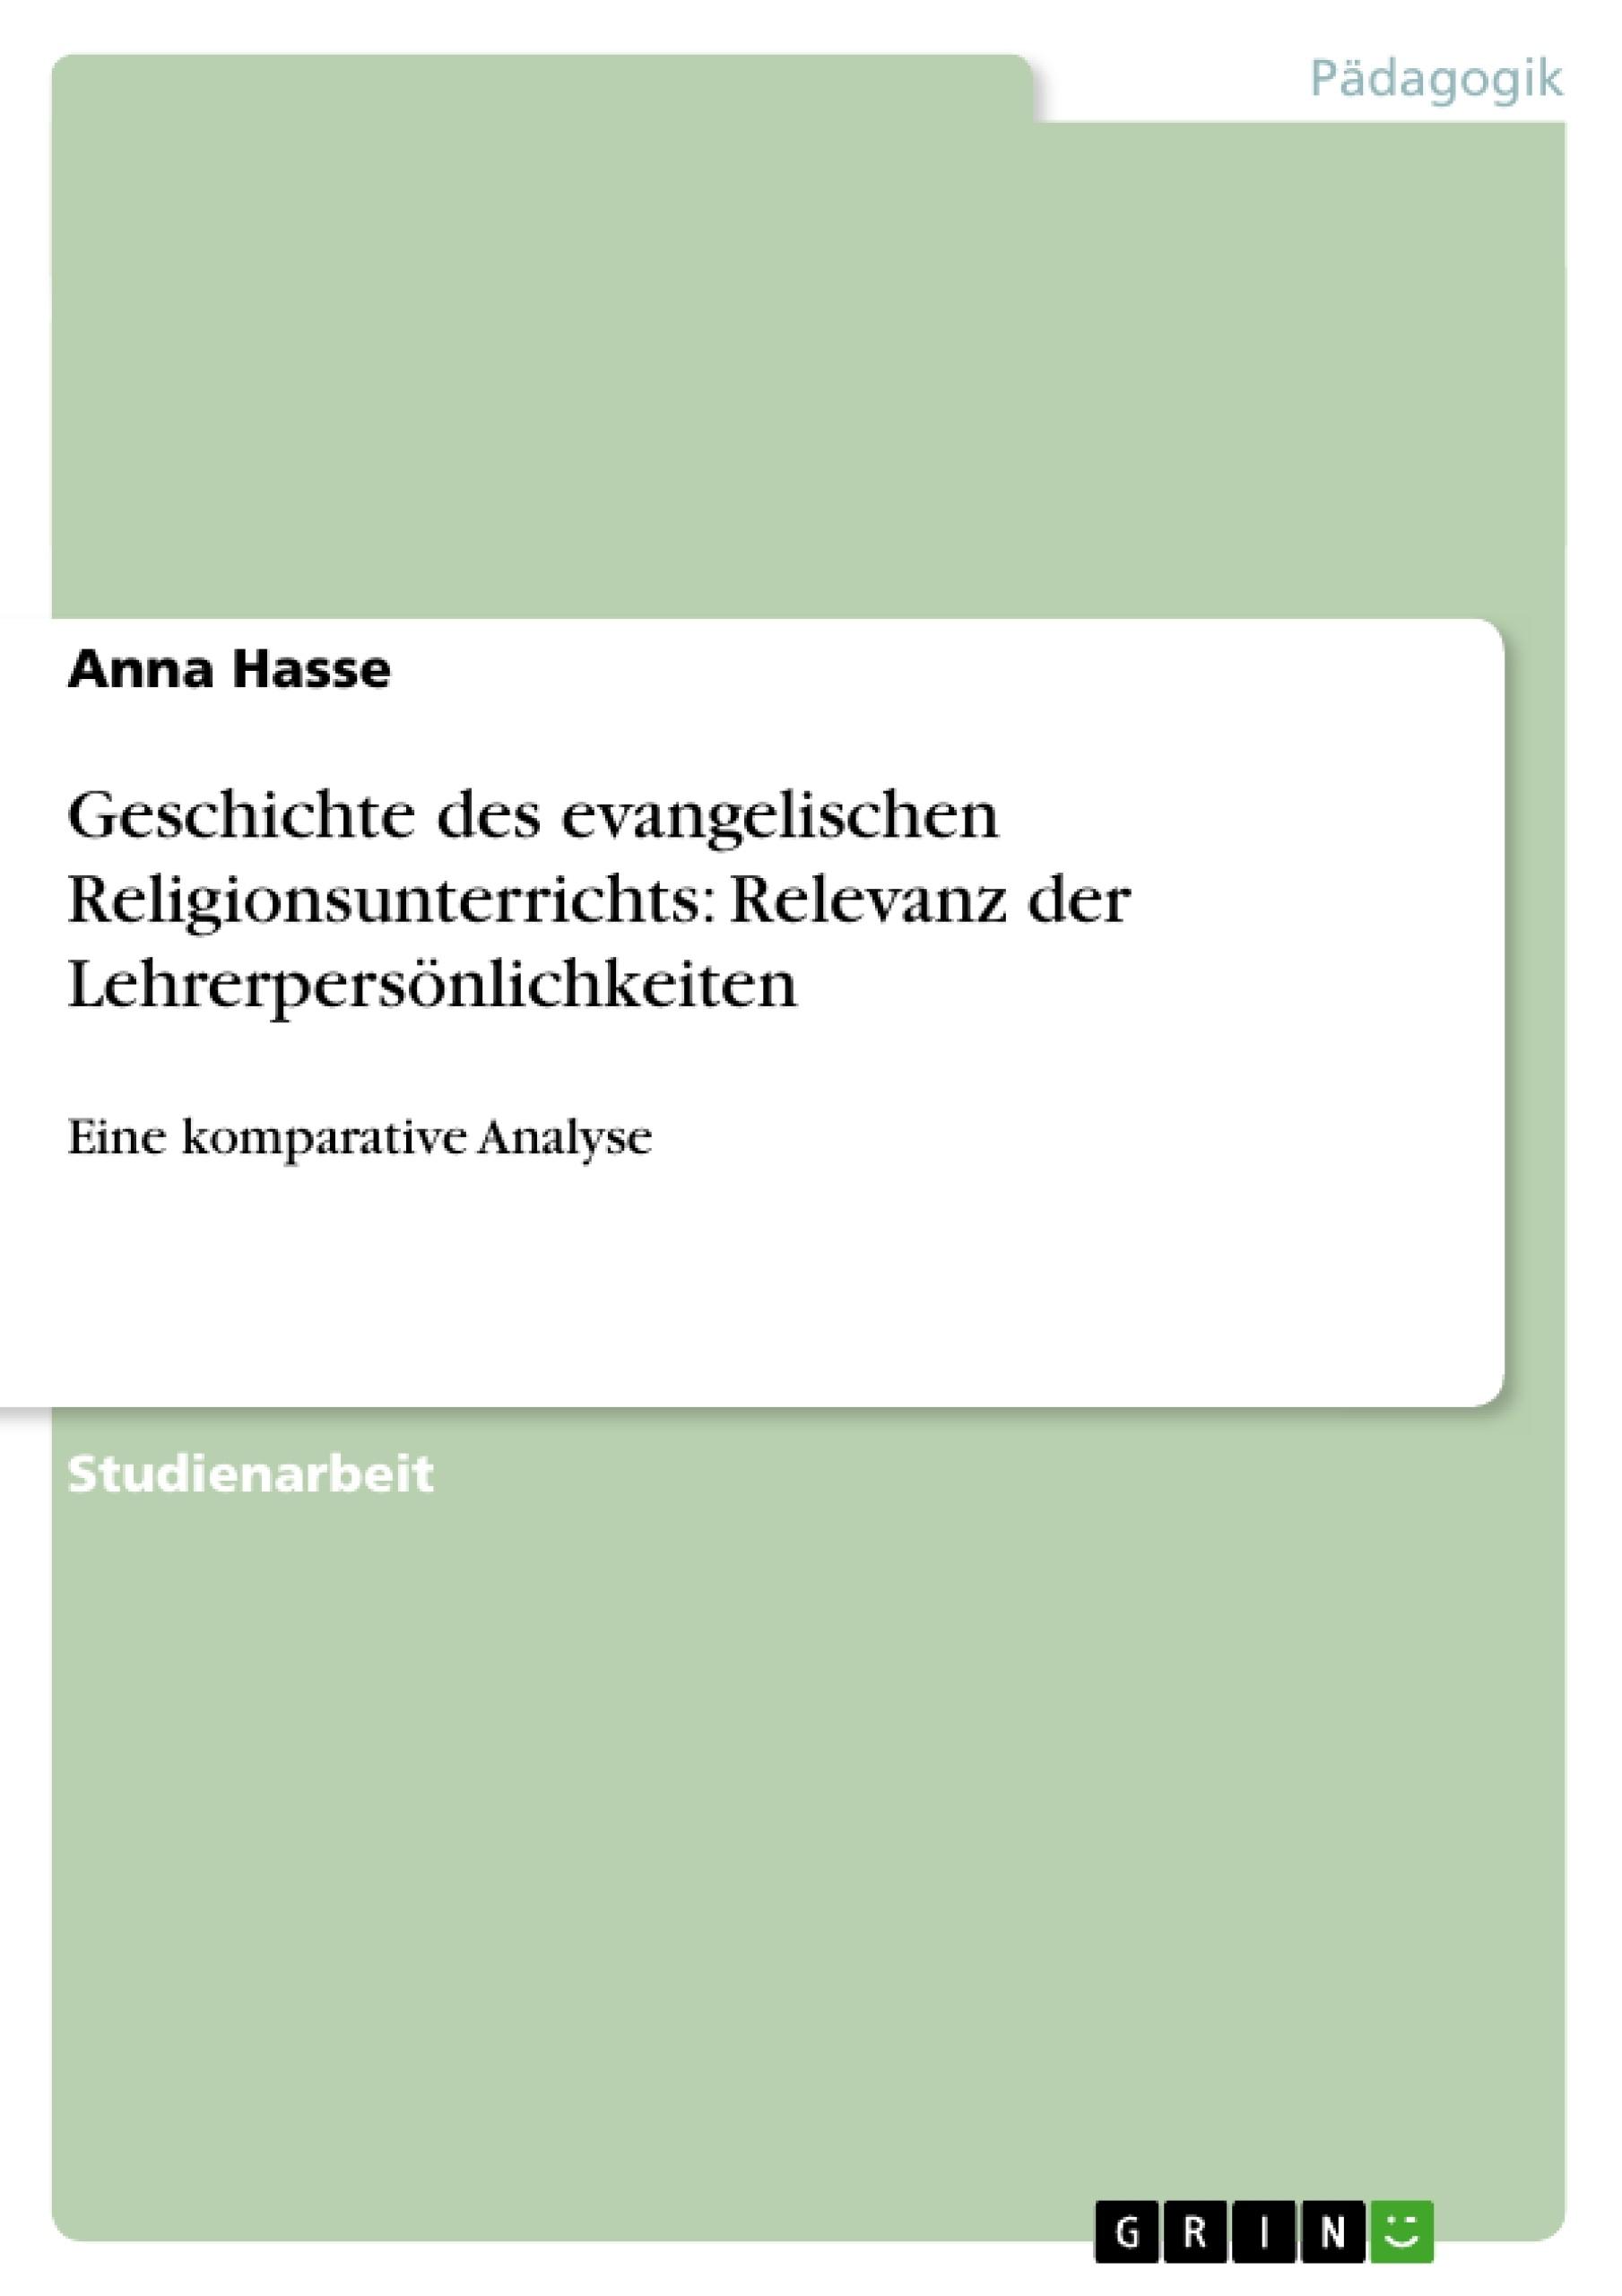 Titel: Geschichte des evangelischen Religionsunterrichts: Relevanz der Lehrerpersönlichkeiten